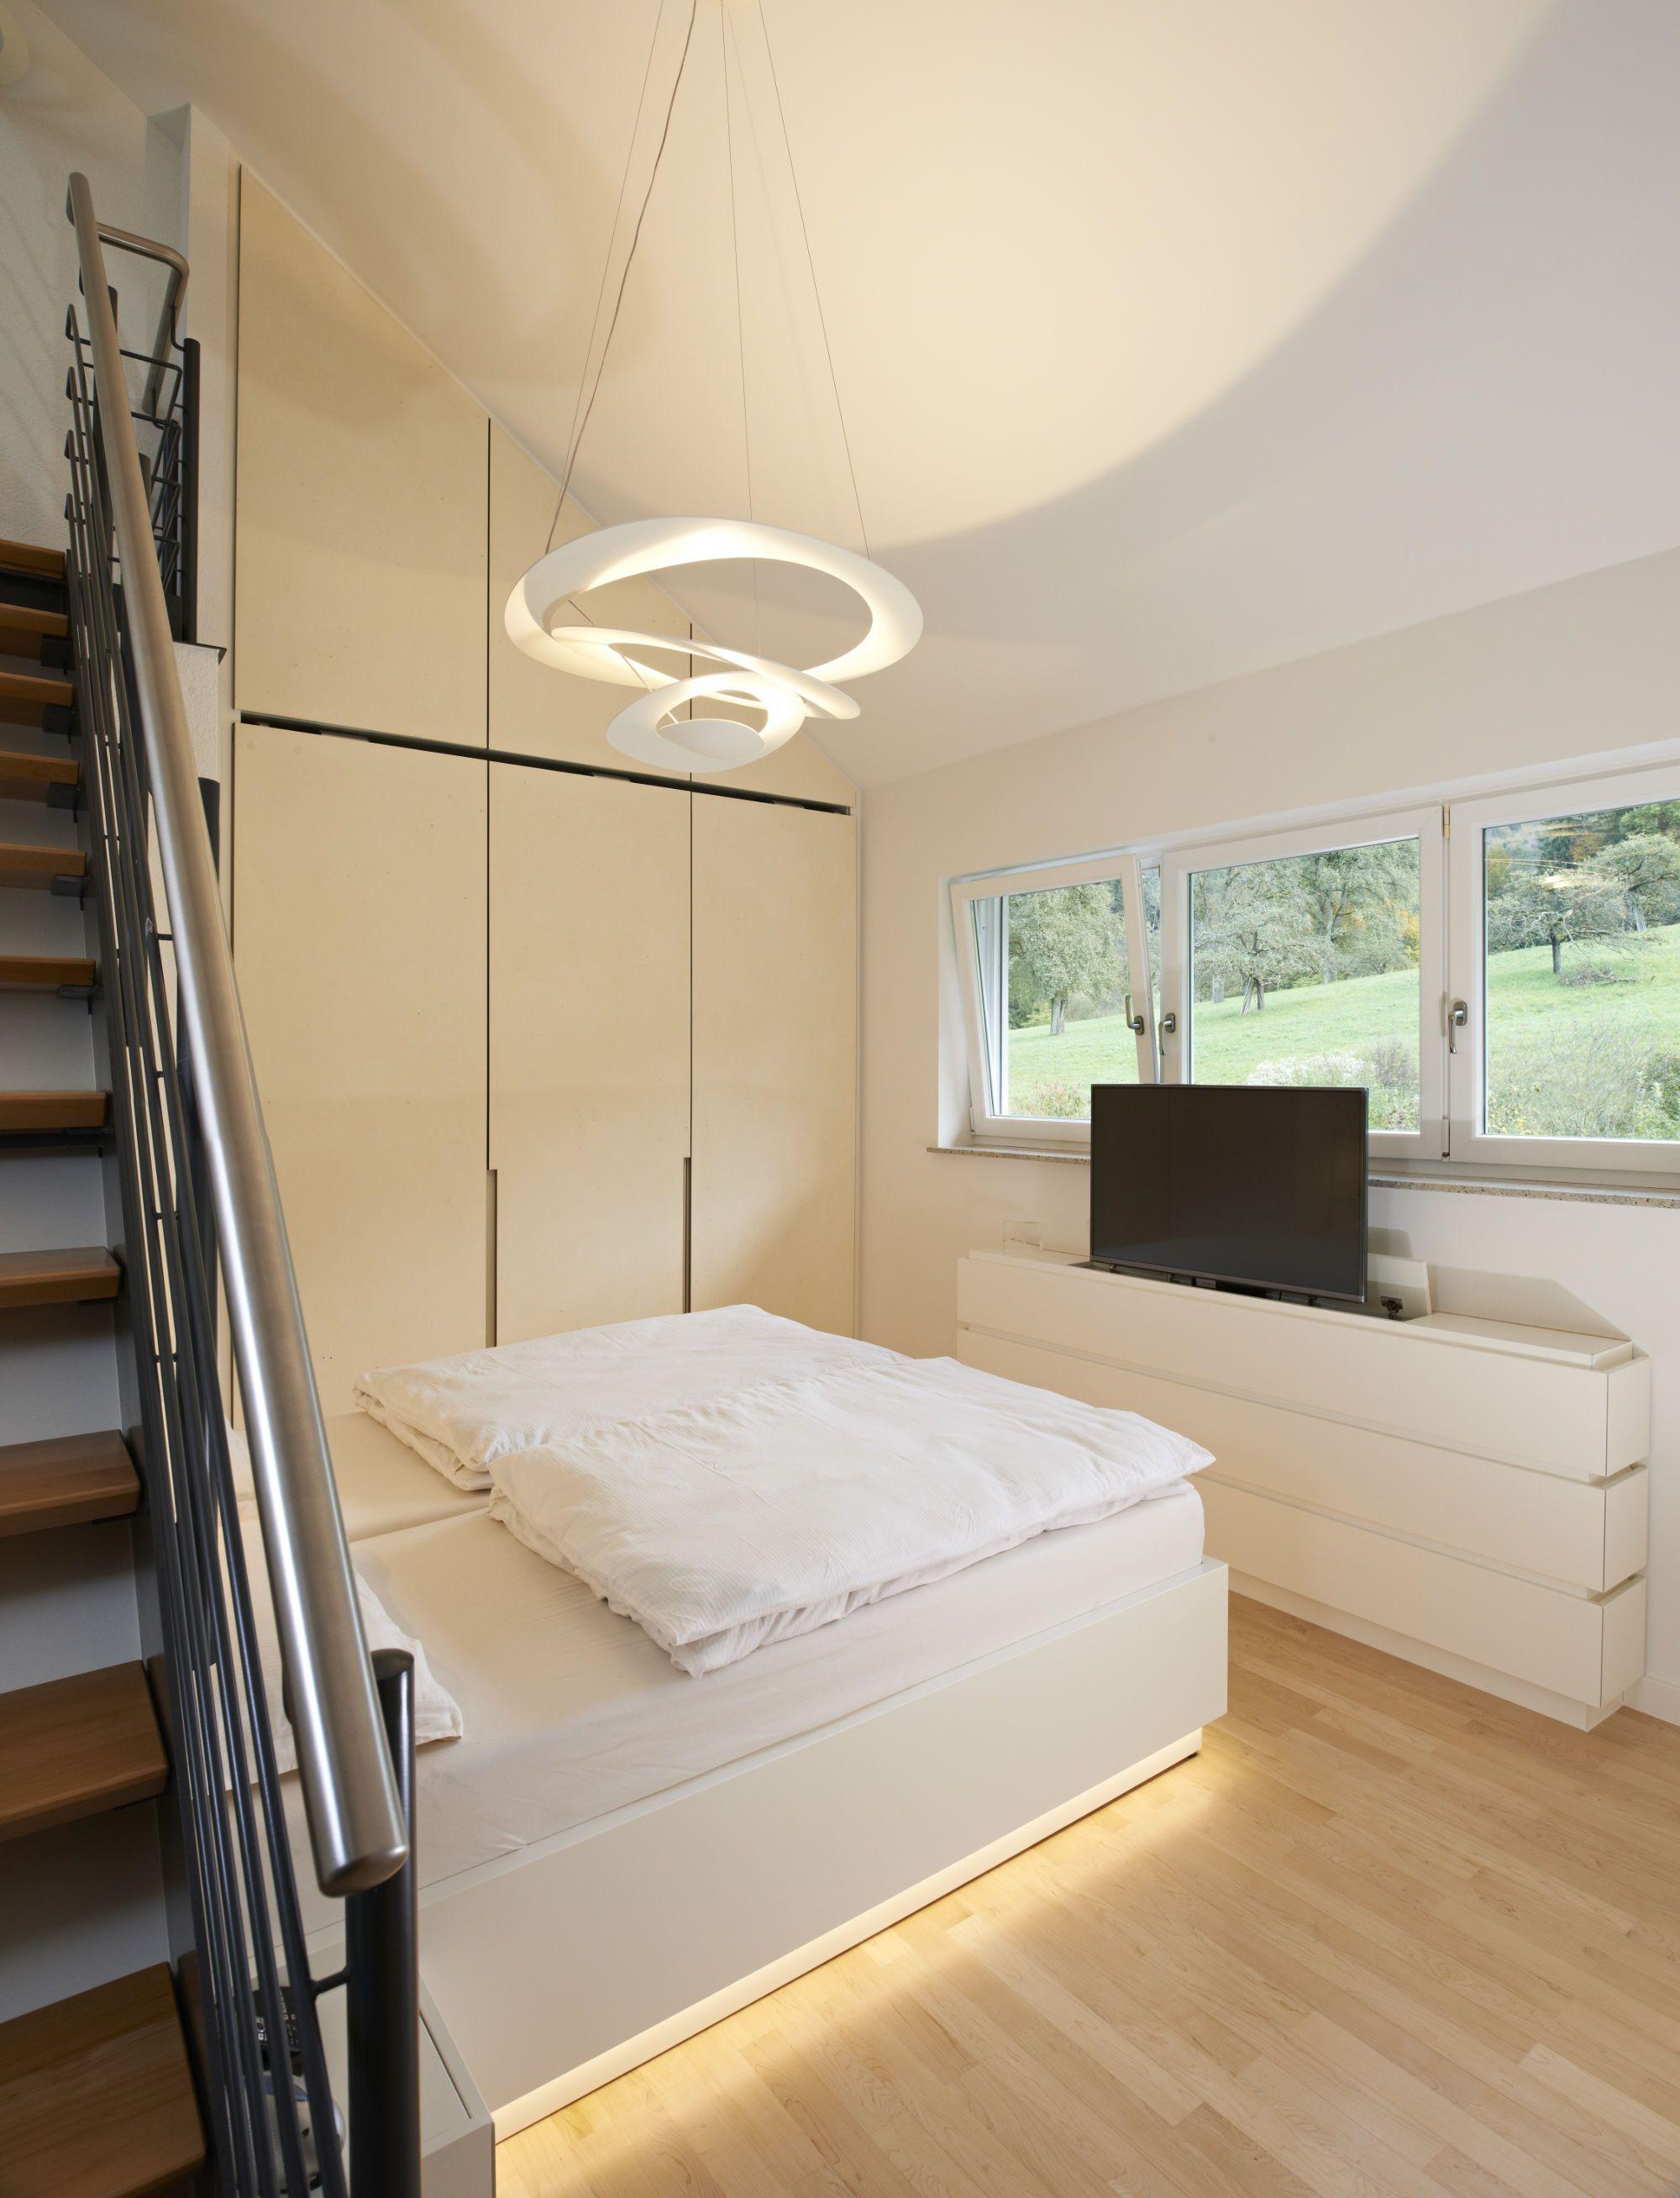 Schlafzimmer 5 Zimmer Beleuchtung Dachschrage Dachboden Schlafzimmer Ideen